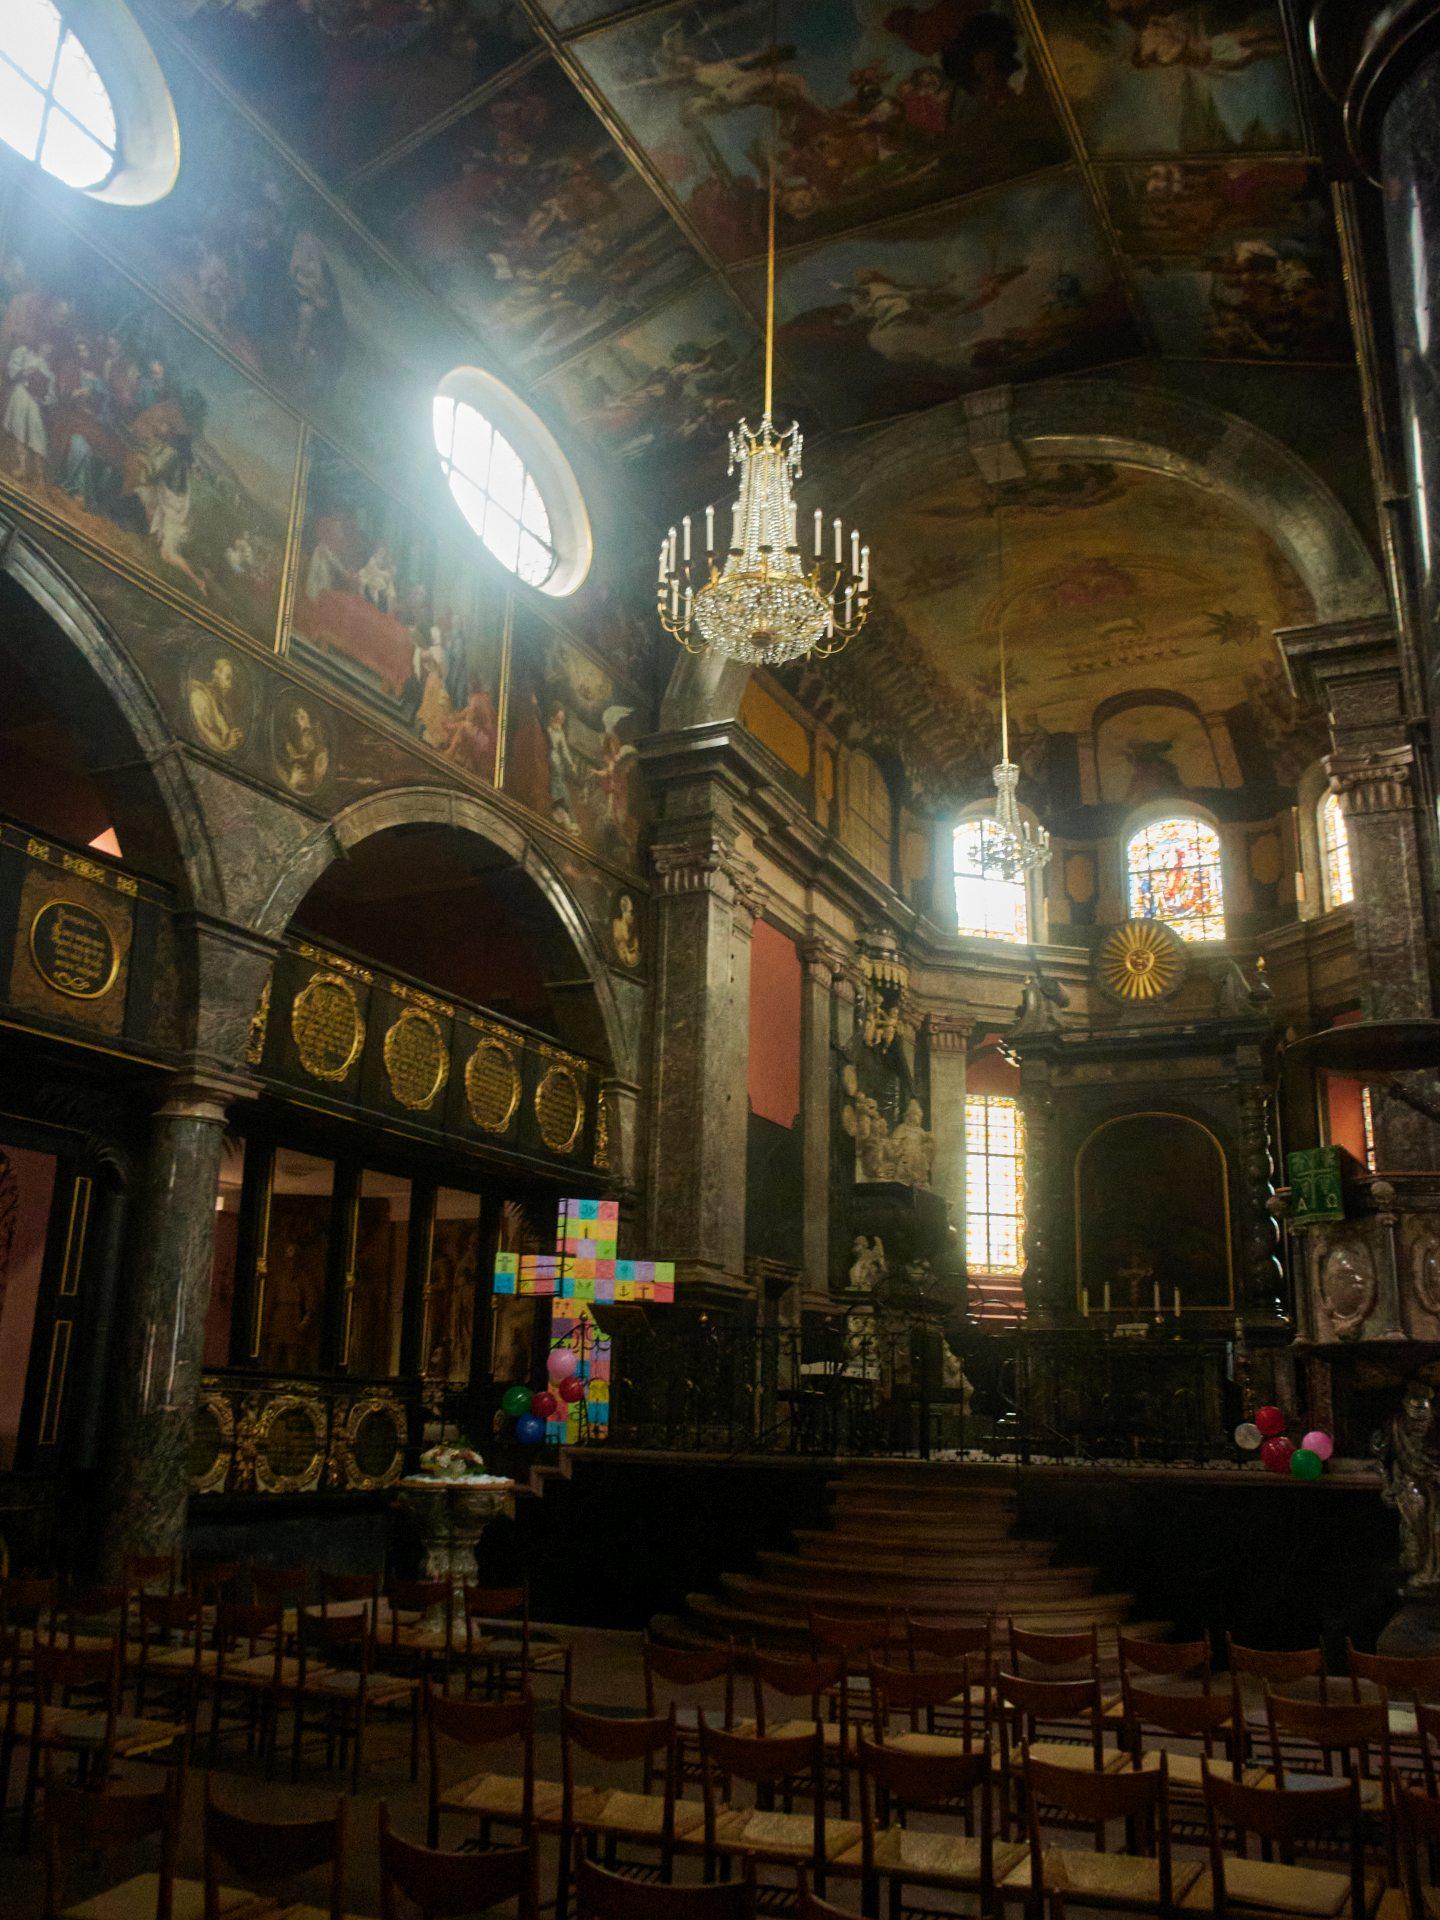 Das Deckengemälde im Chor wurde 1725 geschaffen, wie auch der gesamte Chor in diesem Jahr als Gedächtnisstätte für die Grafen von Nassau-Idstein ausgebaut wurde.